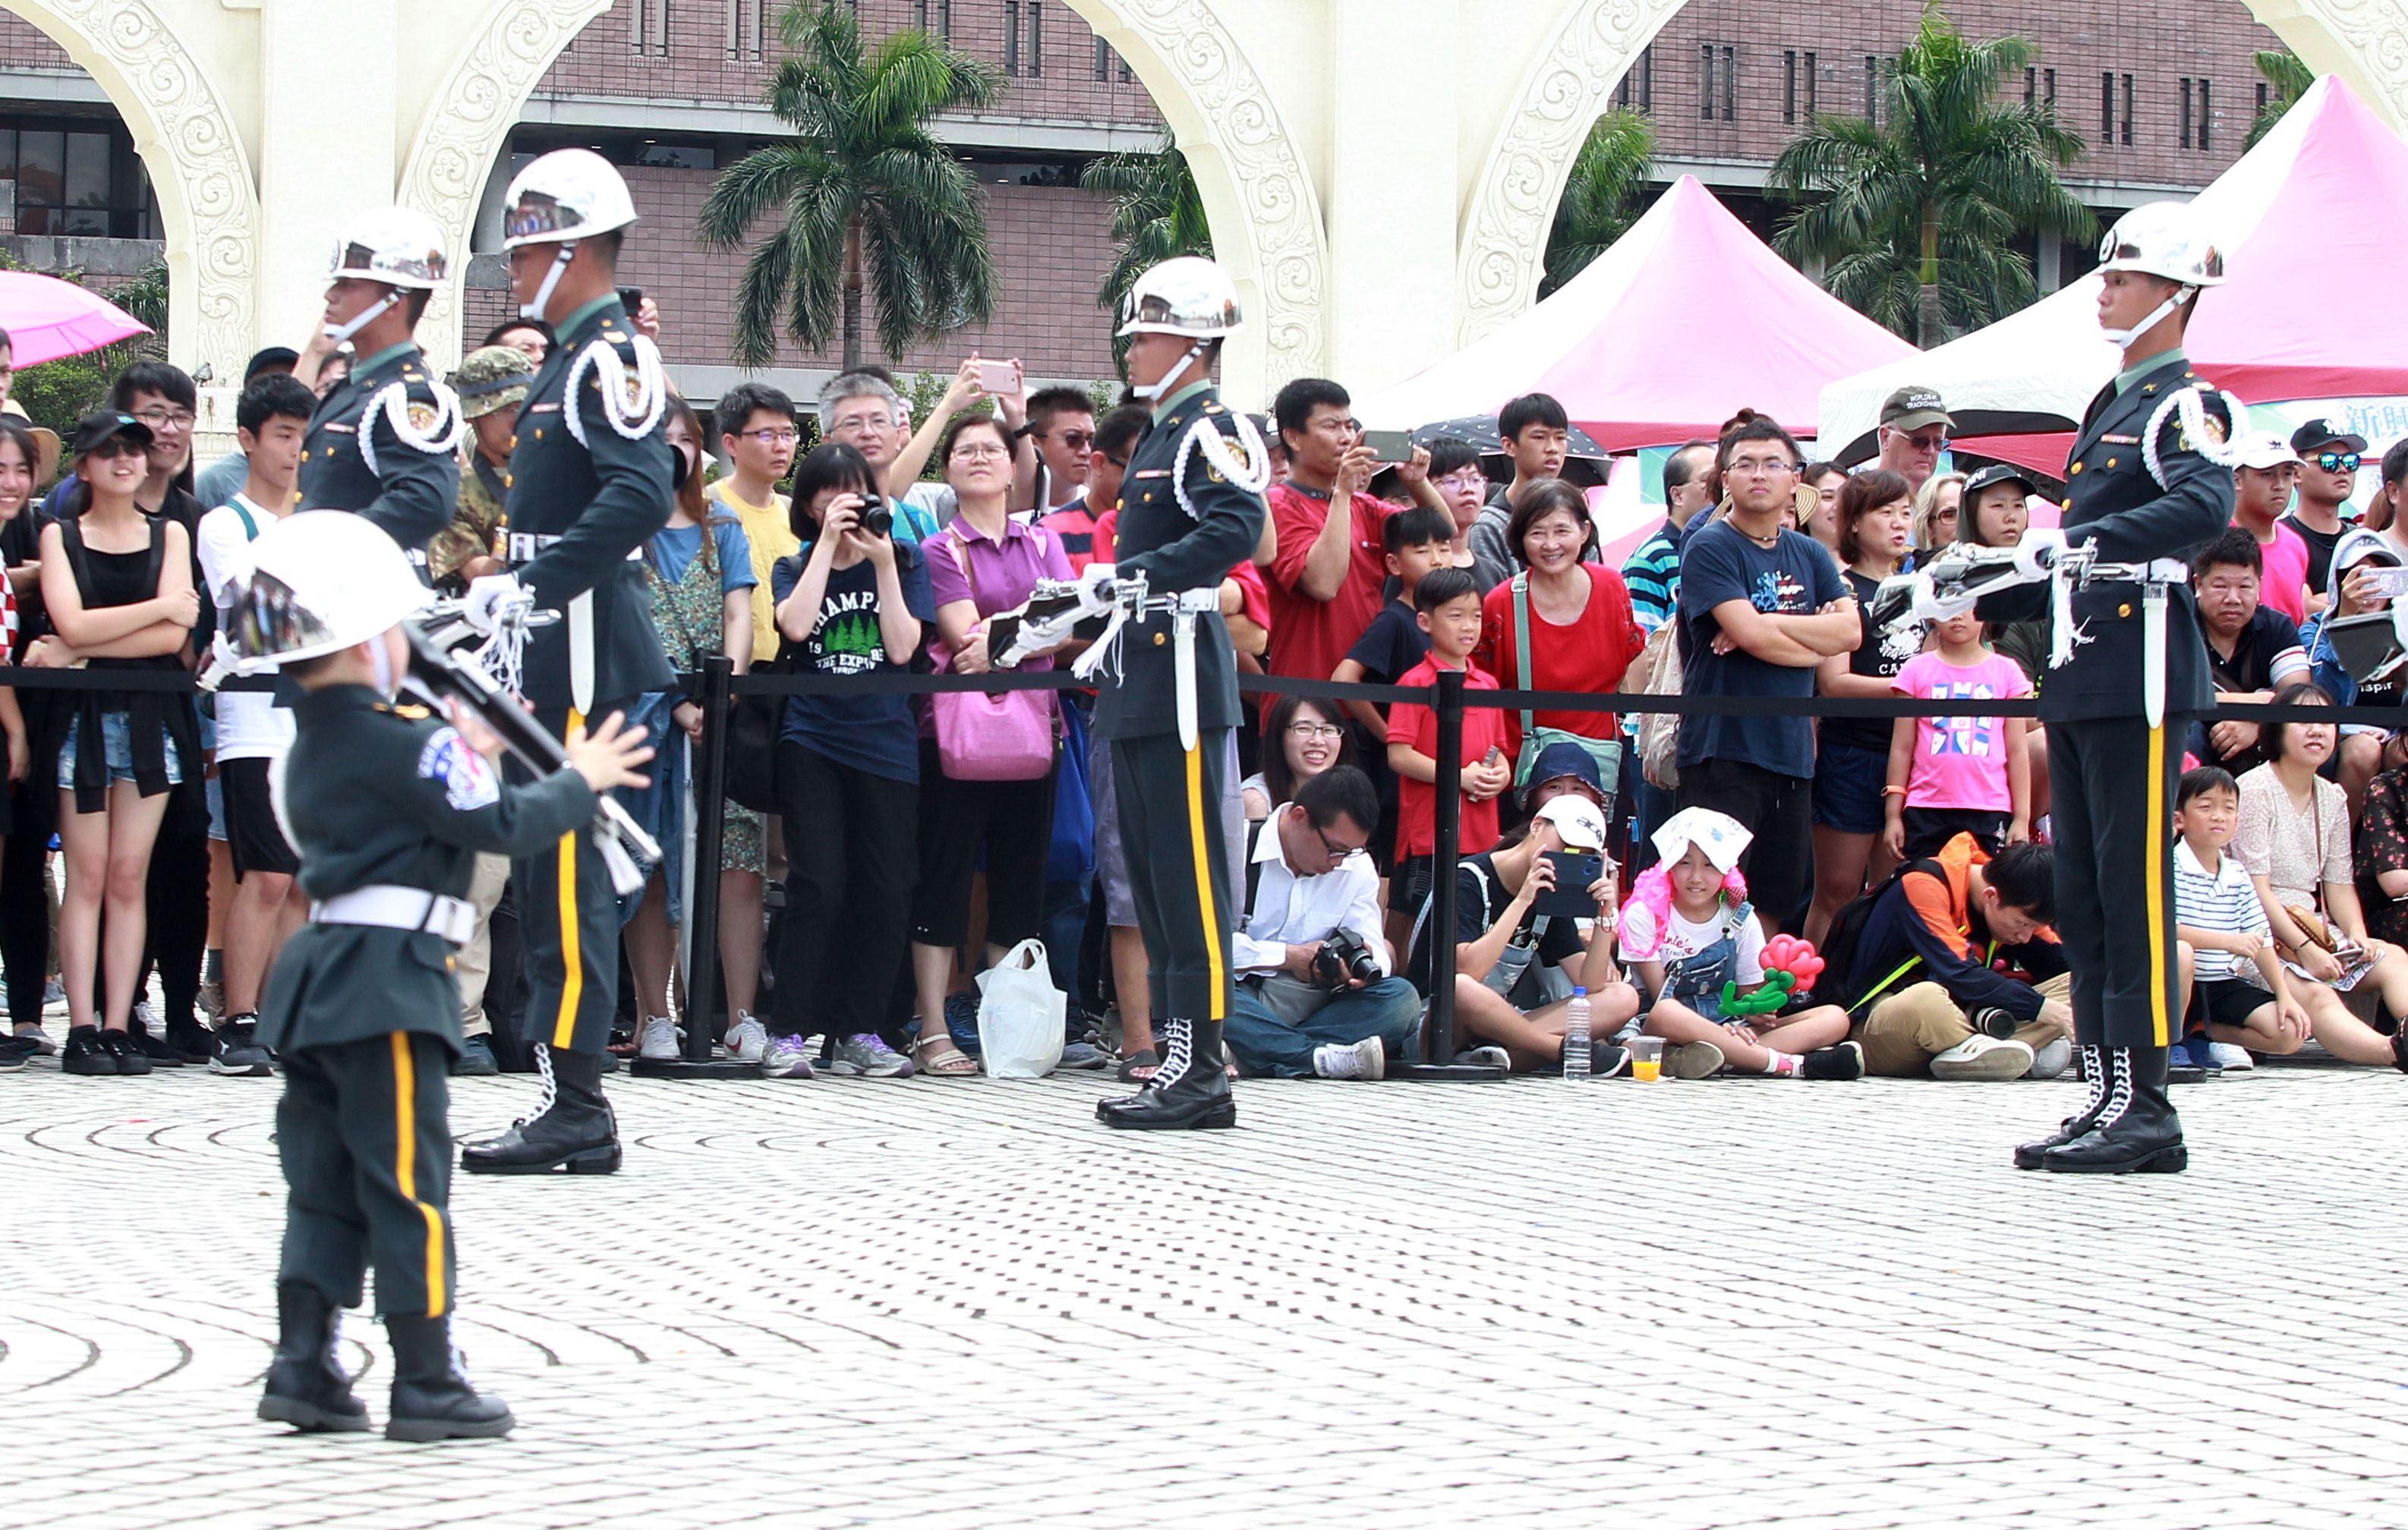 四歲的迷你禮兵孫孫愛上三軍儀隊,穿上儀隊軍服有模有樣場邊觀摩跟著操槍,超可愛的。(記者邱榮吉/攝影)